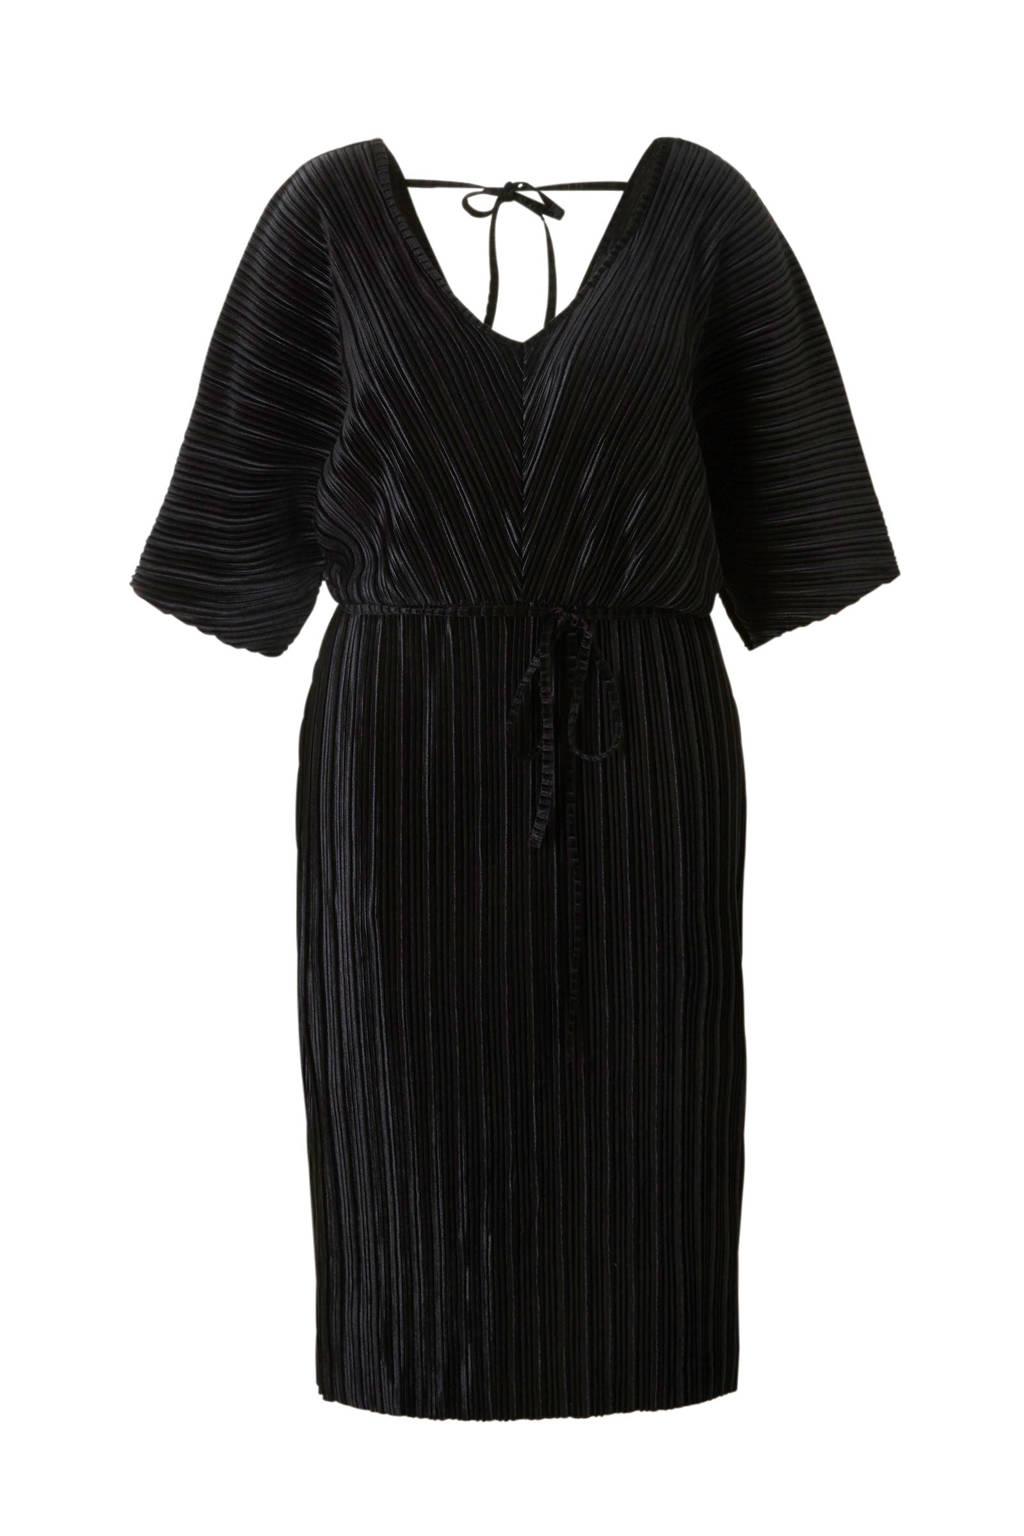 River Island Plus fluwelen jurk, Zwart